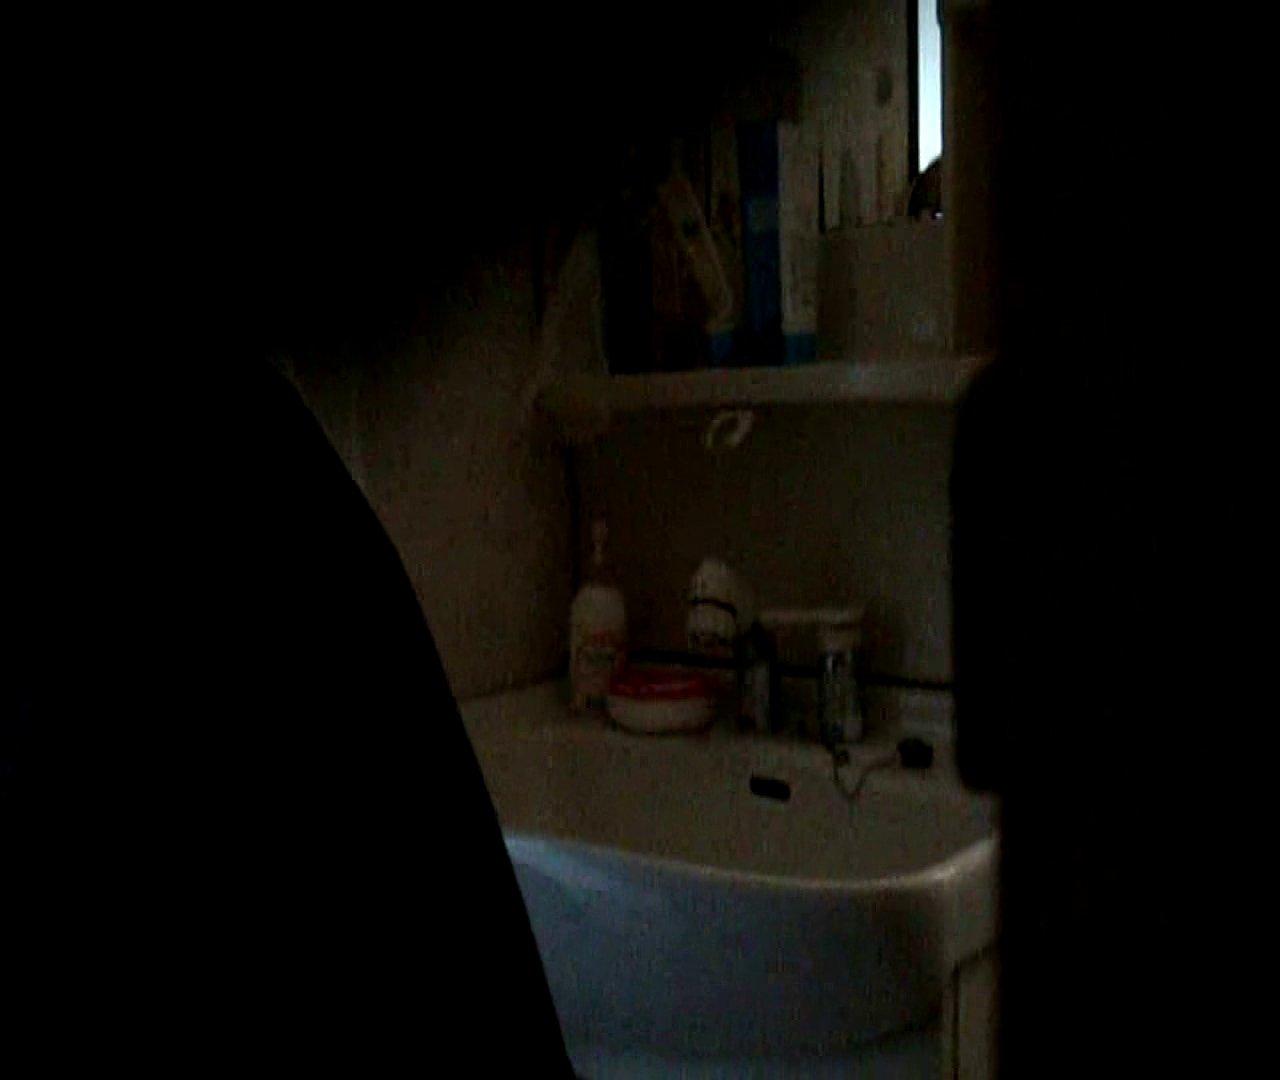 二人とも育てた甲斐がありました… vol.05 まどかが洗顔後にブラを洗濯 HなOL | 0  98pic 26